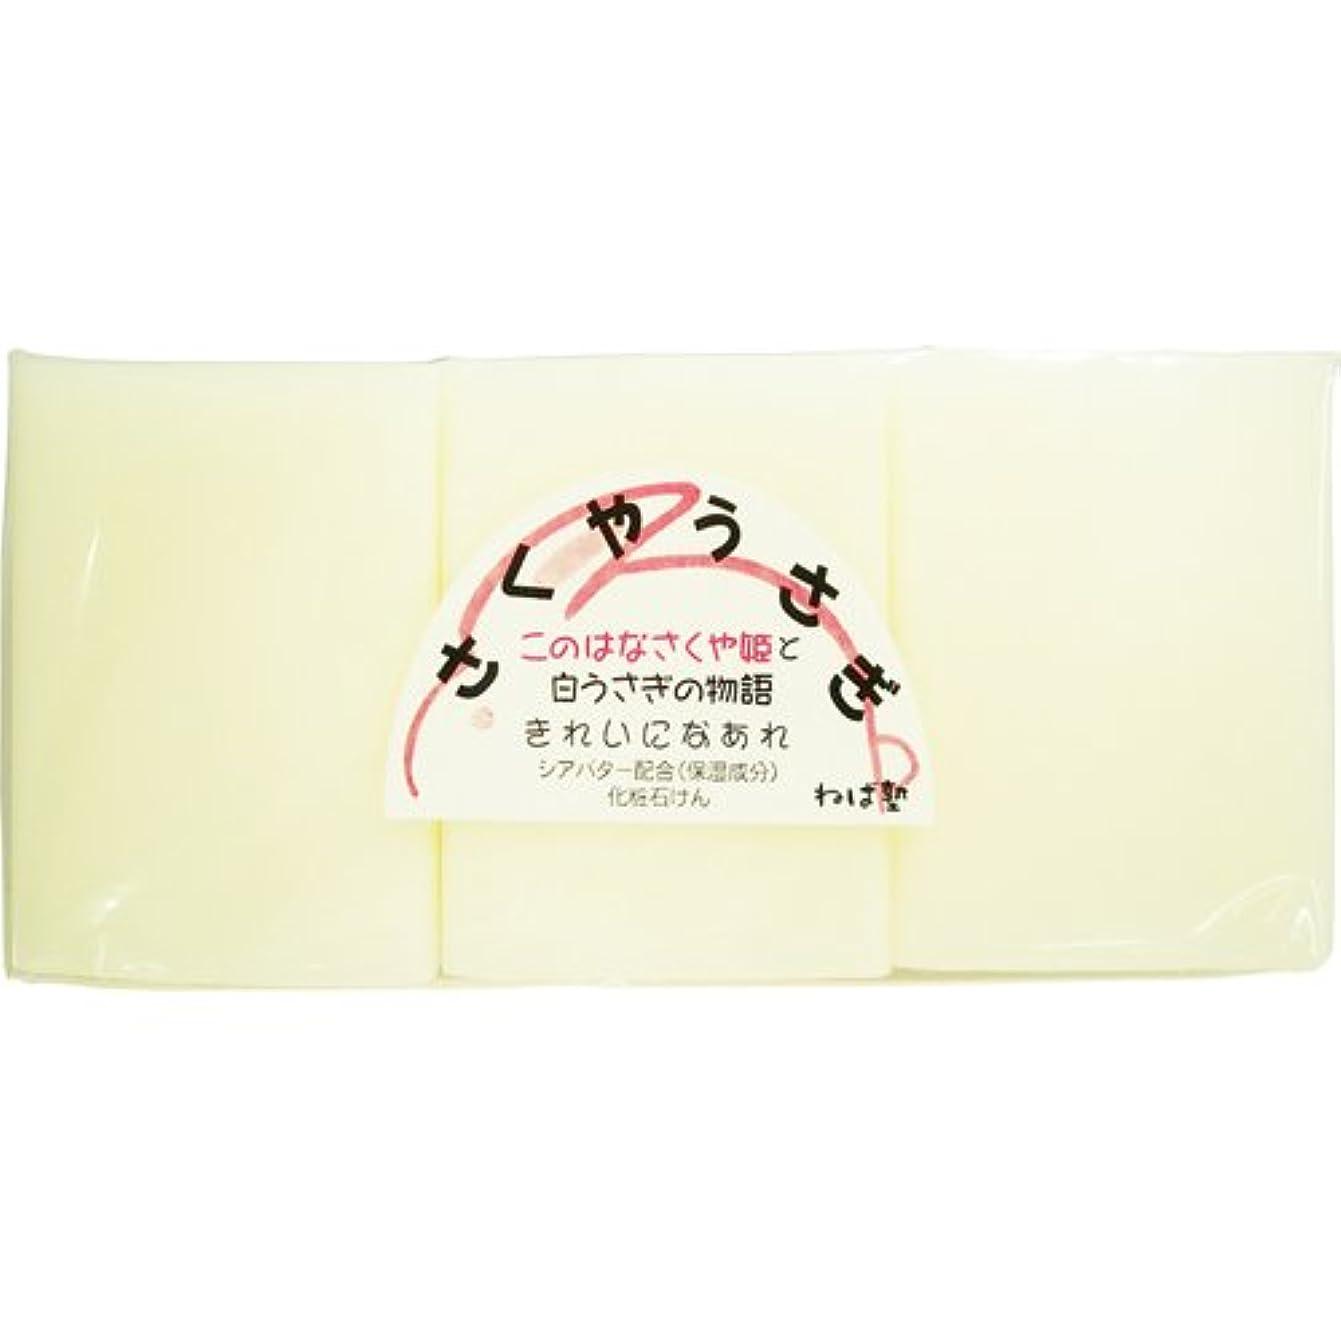 プレフィックスかわす白雪姫ねば塾 さくやうさぎ (117g×3個入)